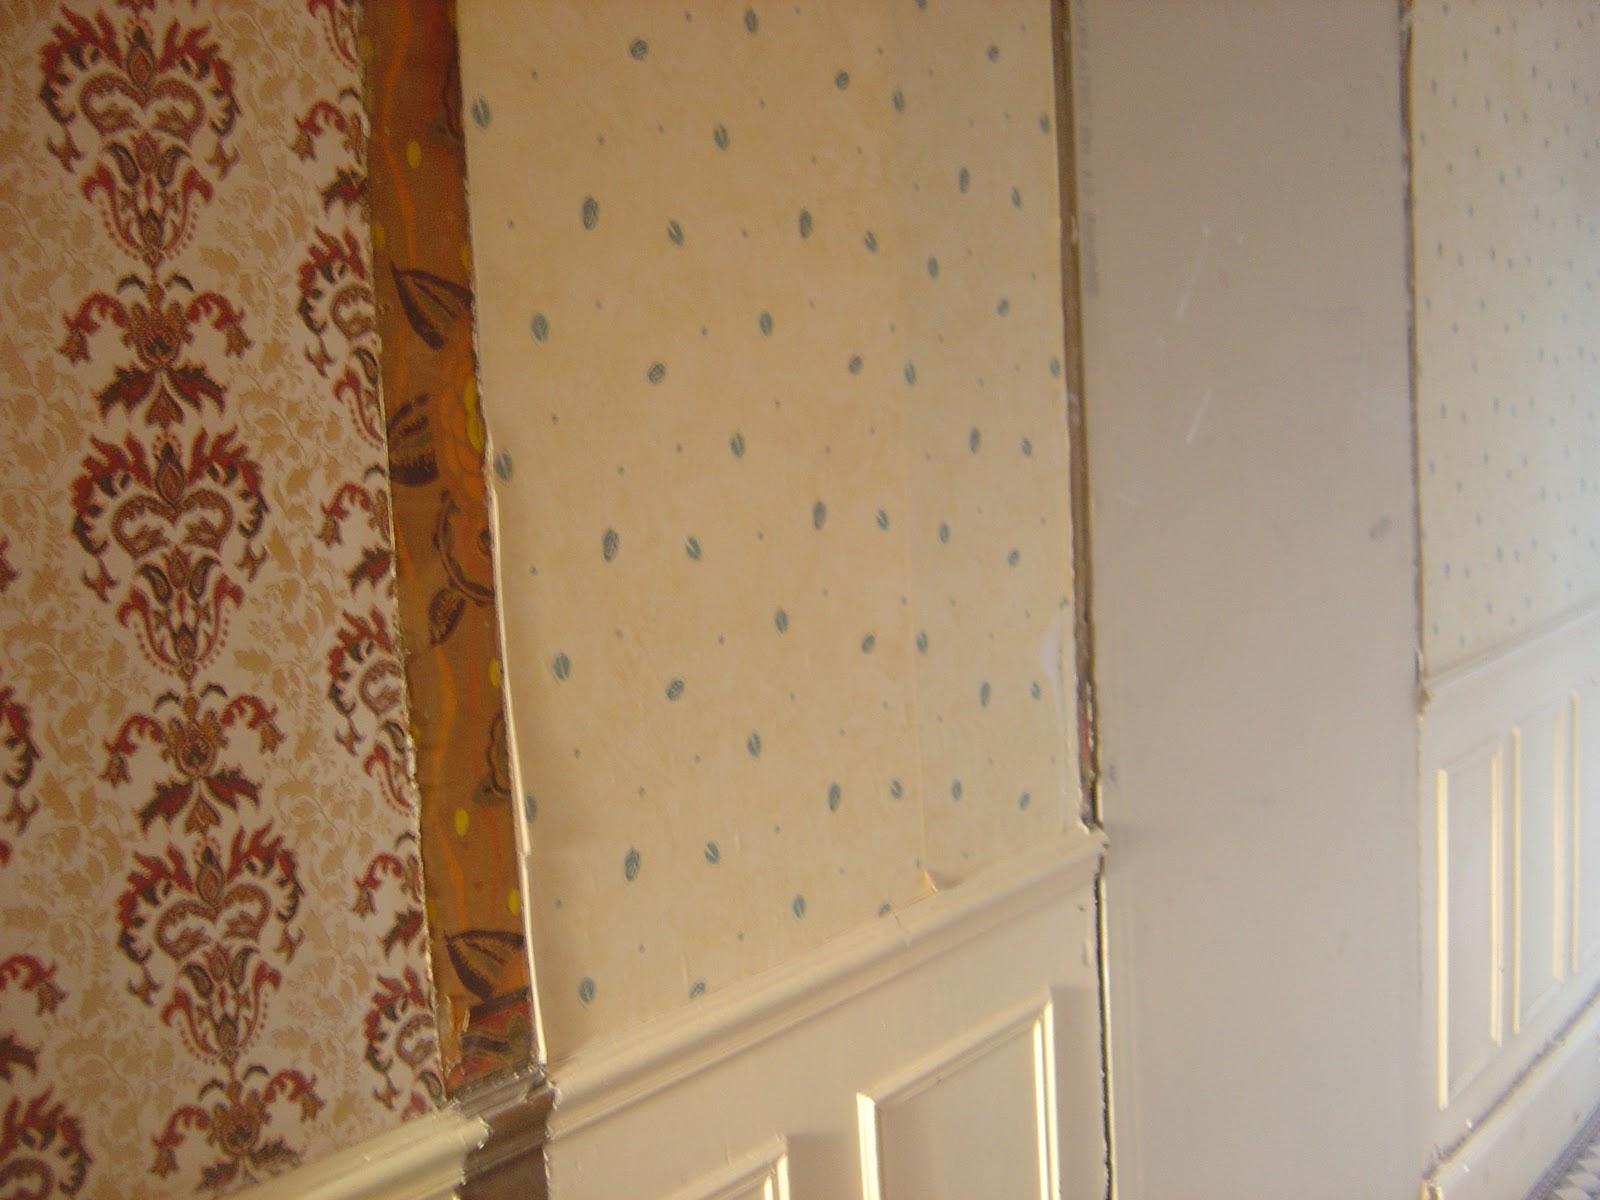 d coller papier peint vinaigre. Black Bedroom Furniture Sets. Home Design Ideas